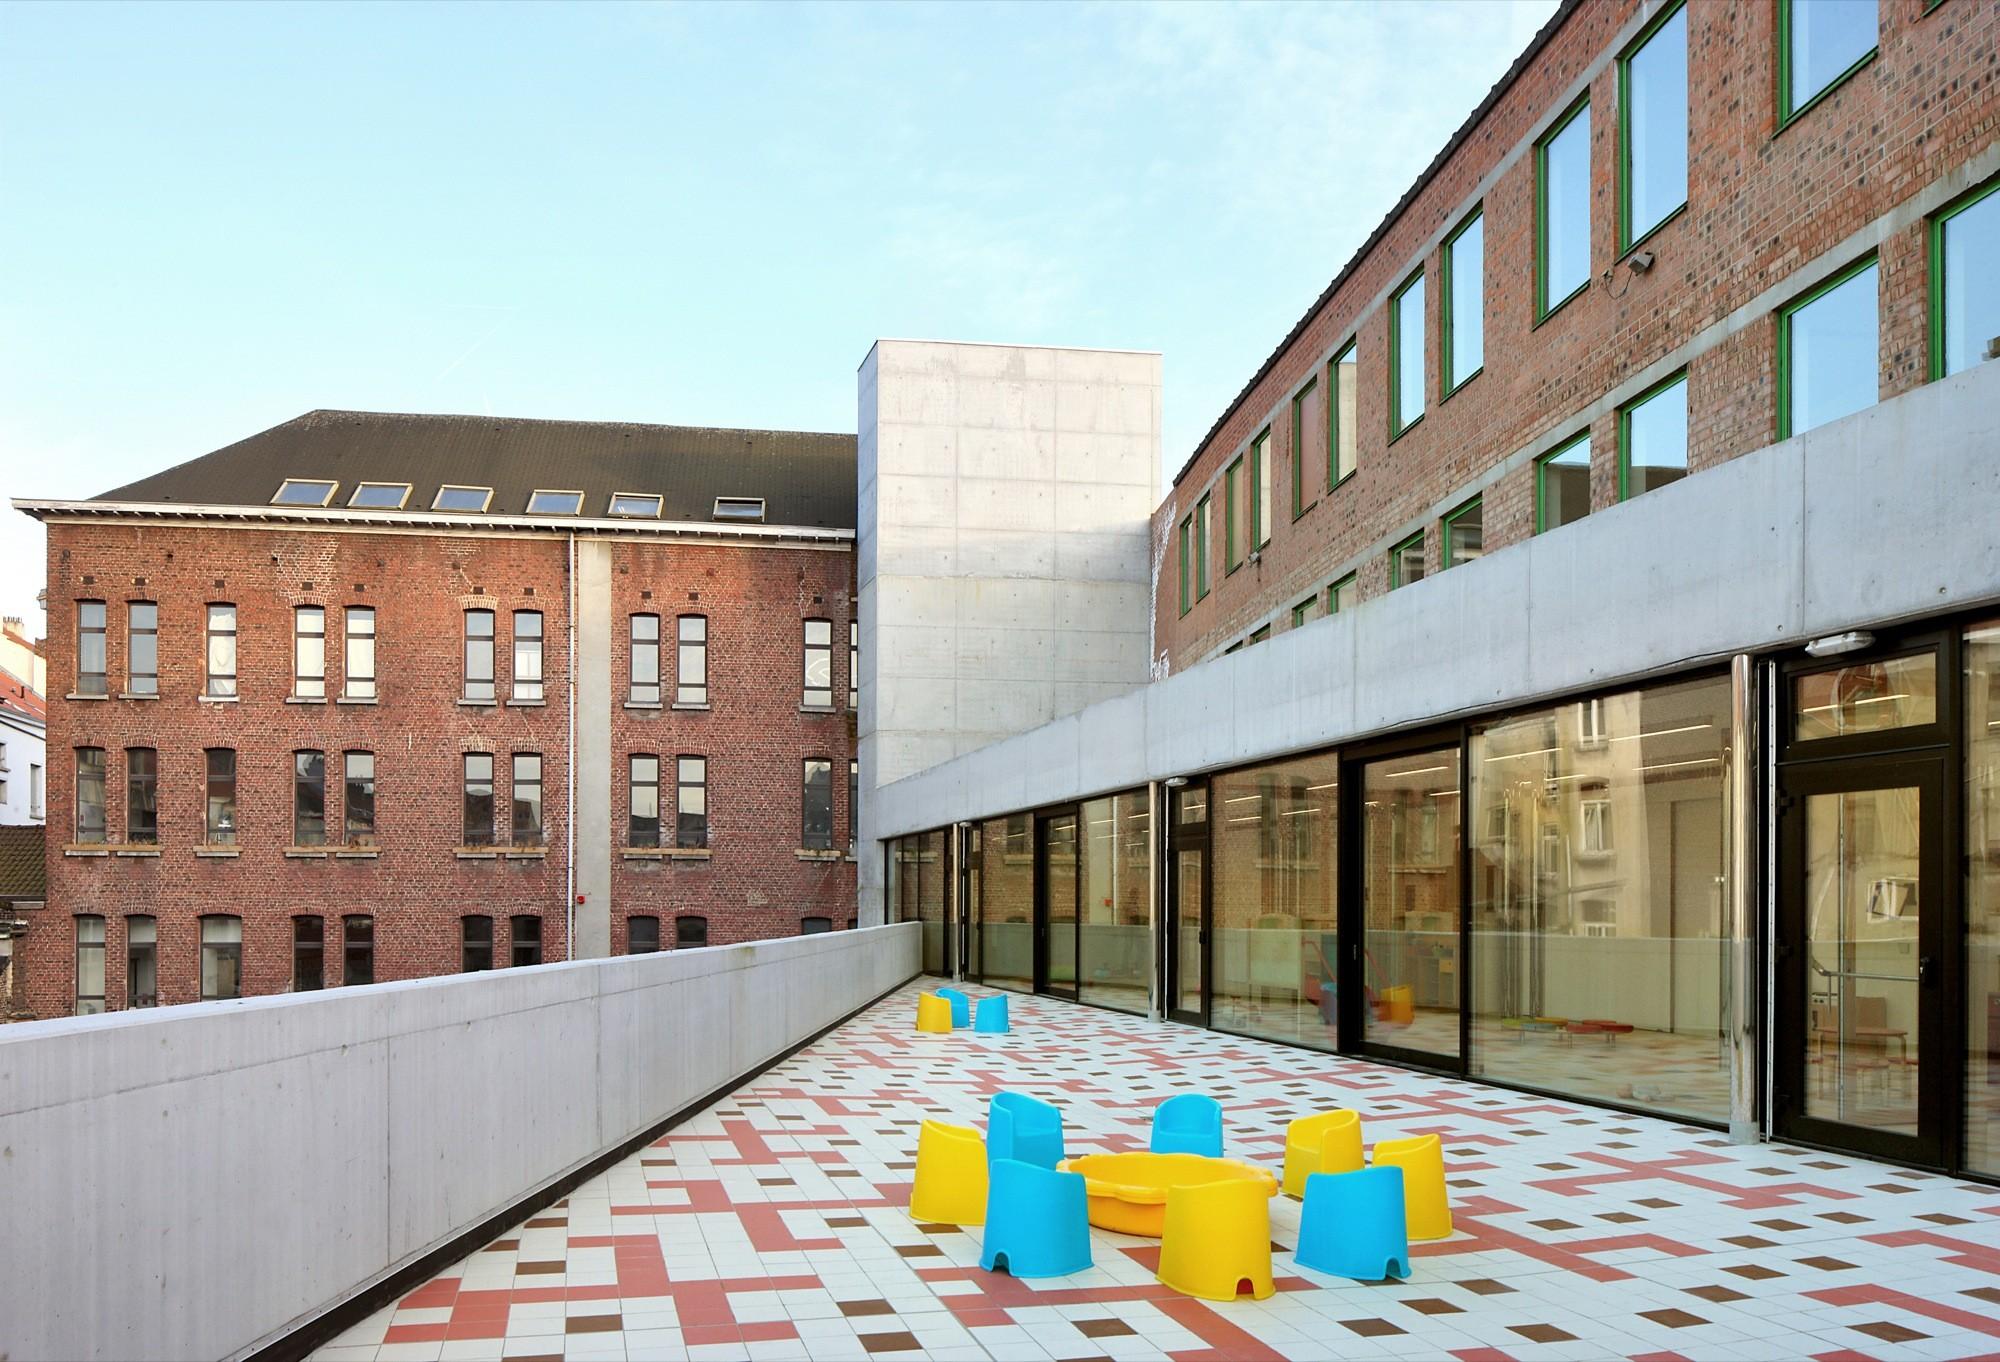 Child Day Care Centre / Burobill + ZAmpone architectuur, © Filip Dujardin